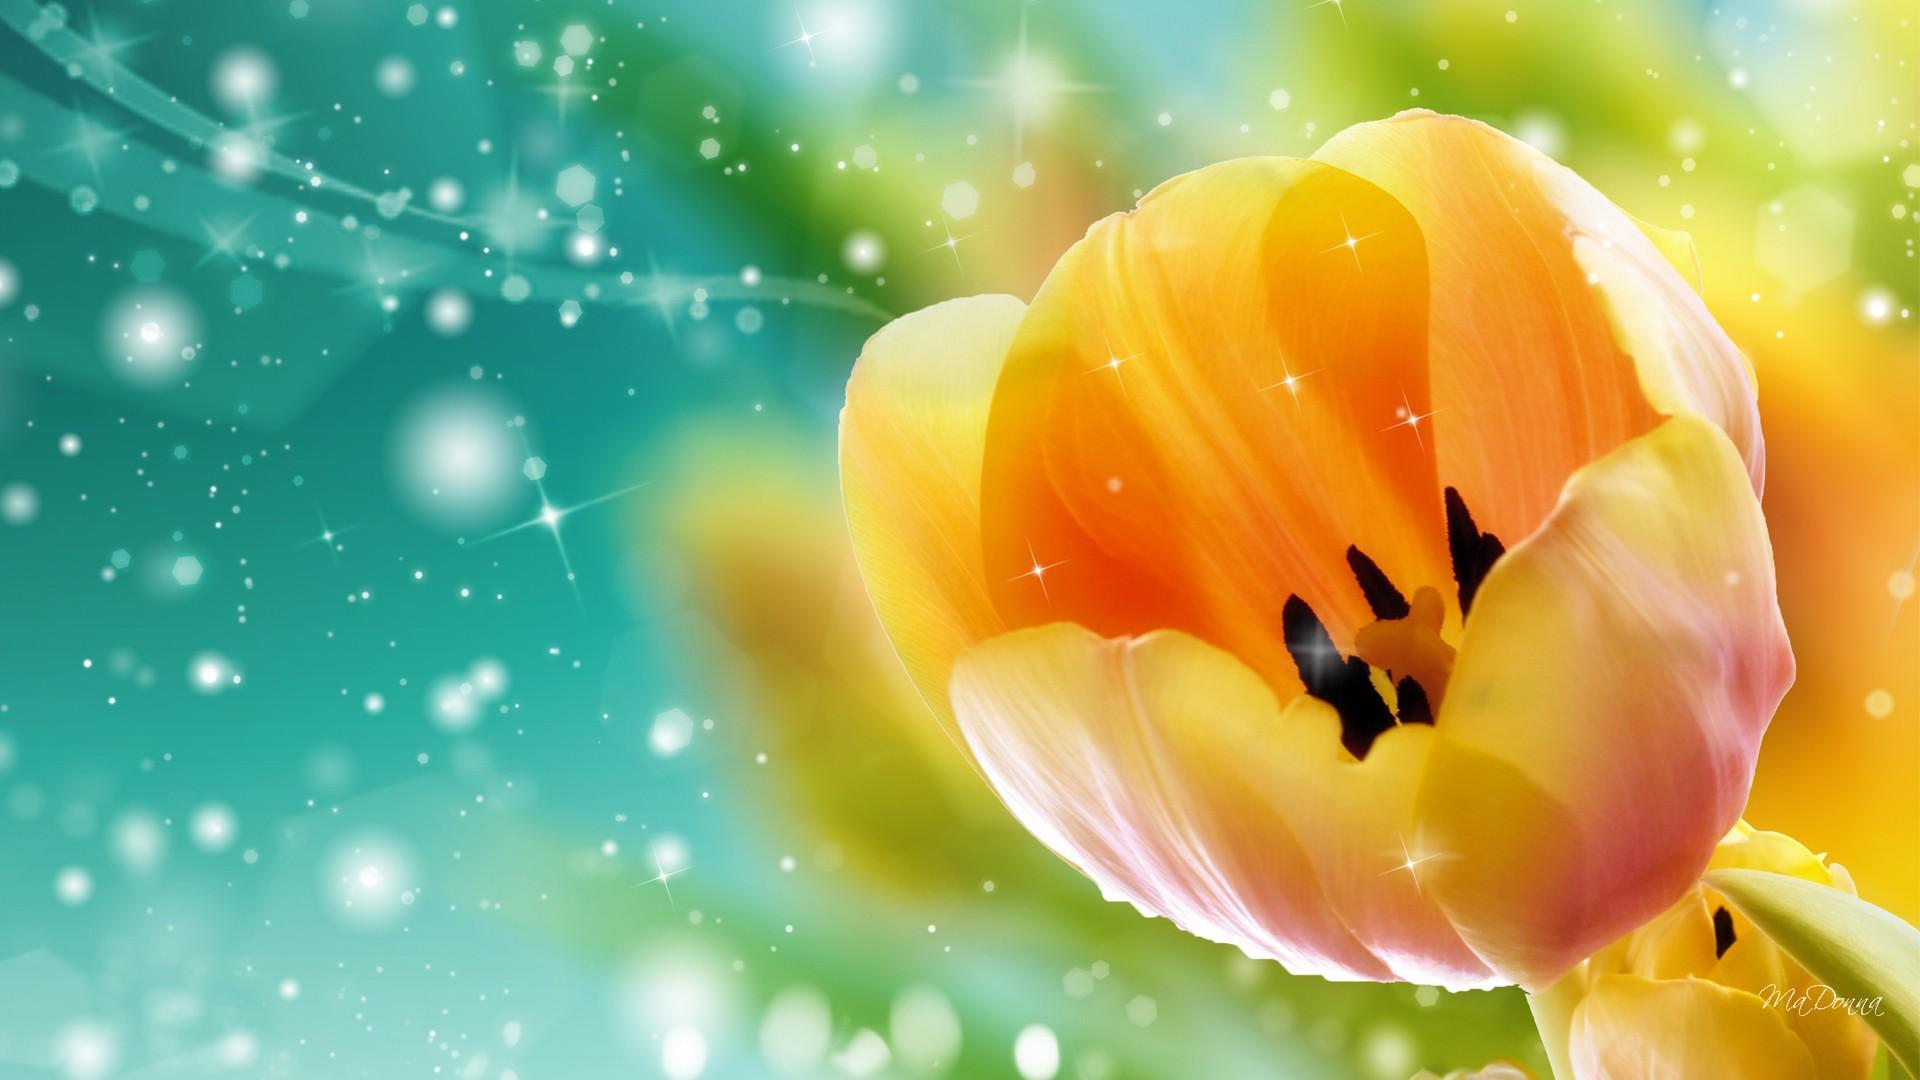 Tulip Wallpaper And Screensavers